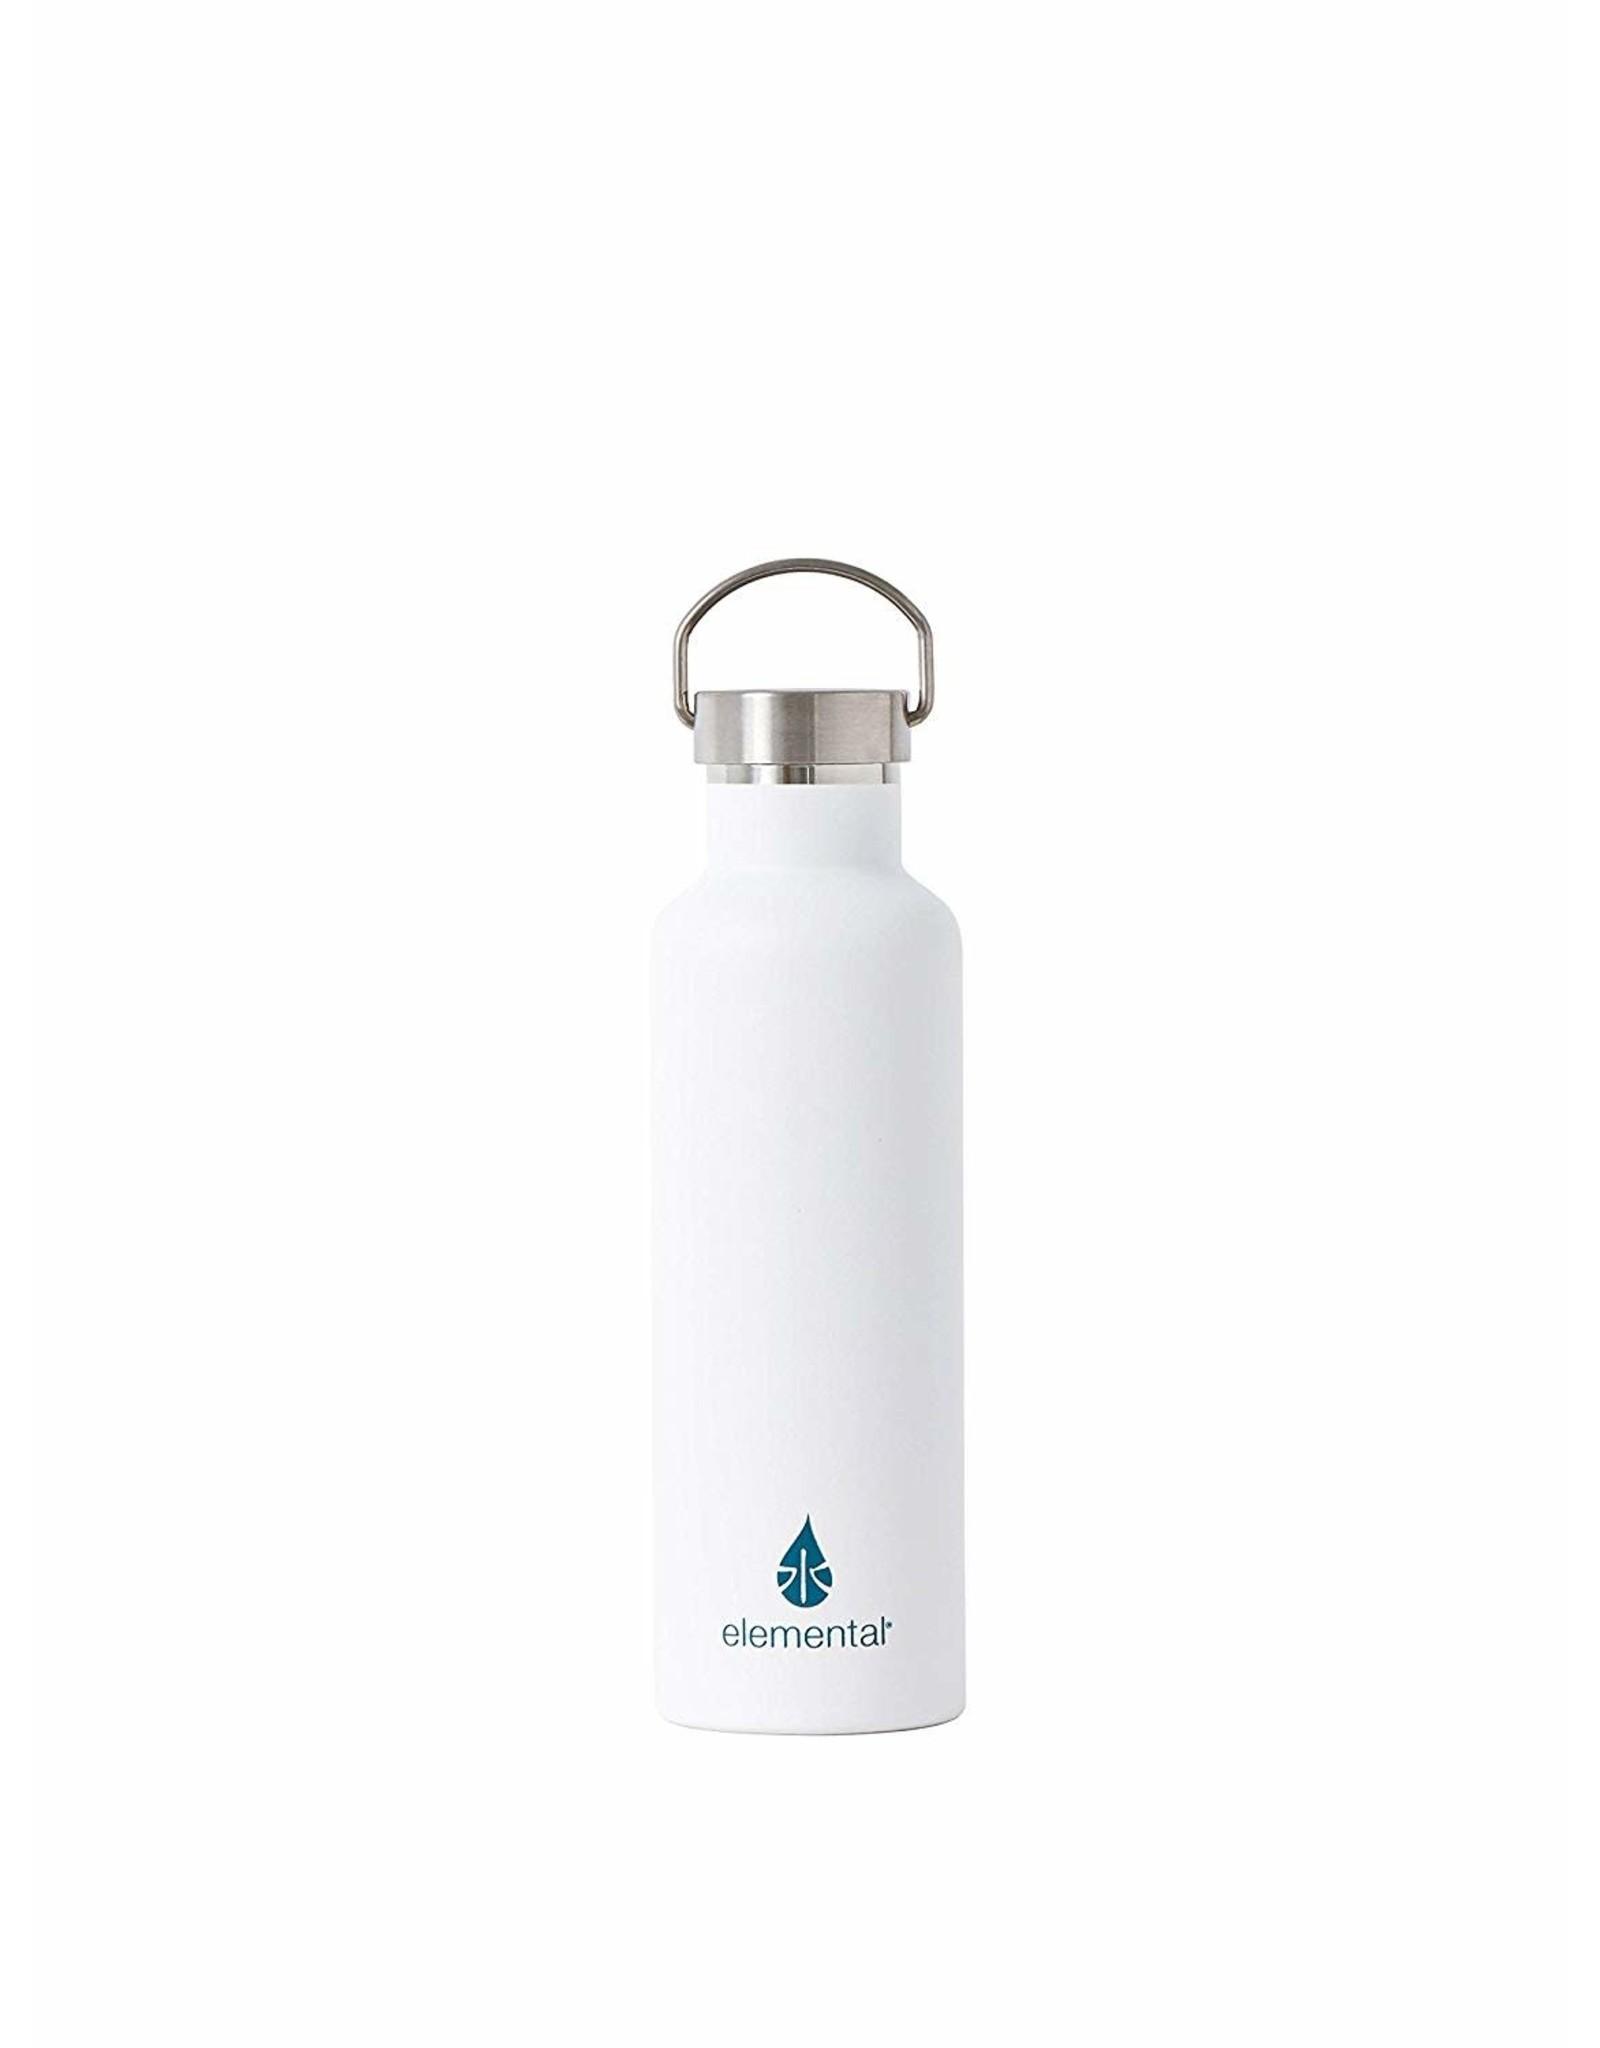 Elemental Water Bottle